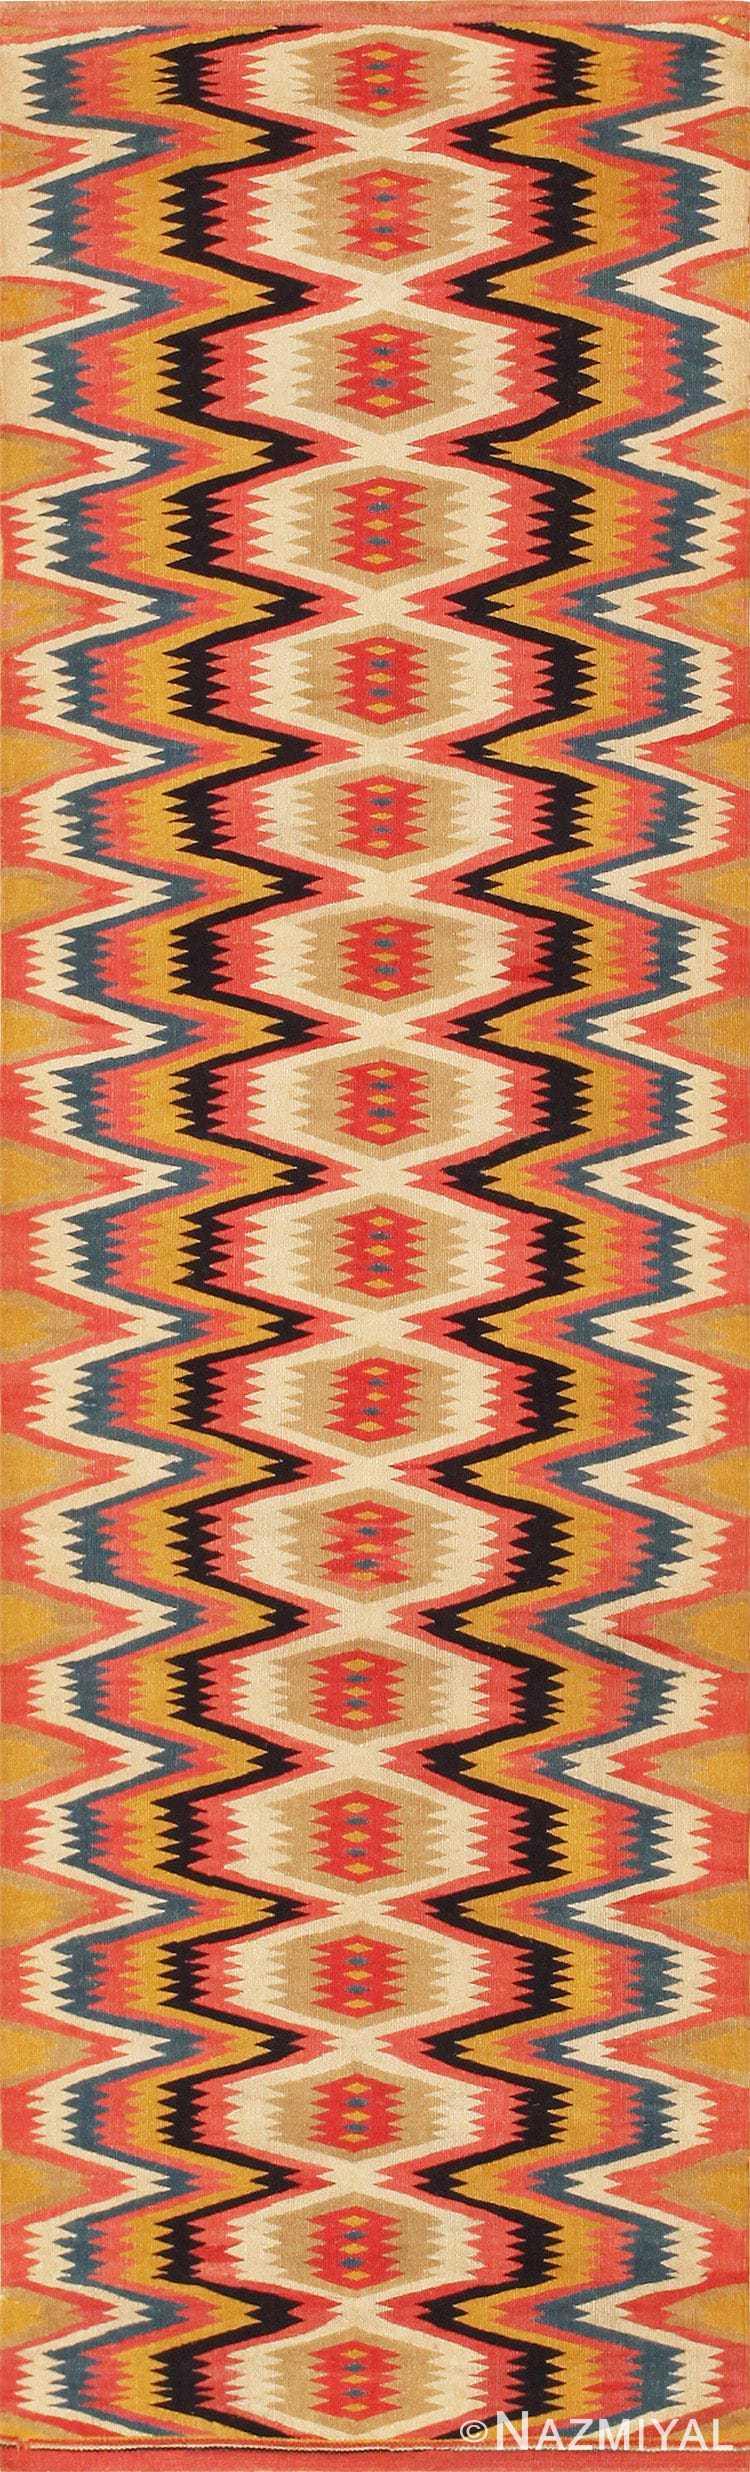 Fine and Beautiful Vintage Swedish Kilim Rug 45785 Nazmiyal